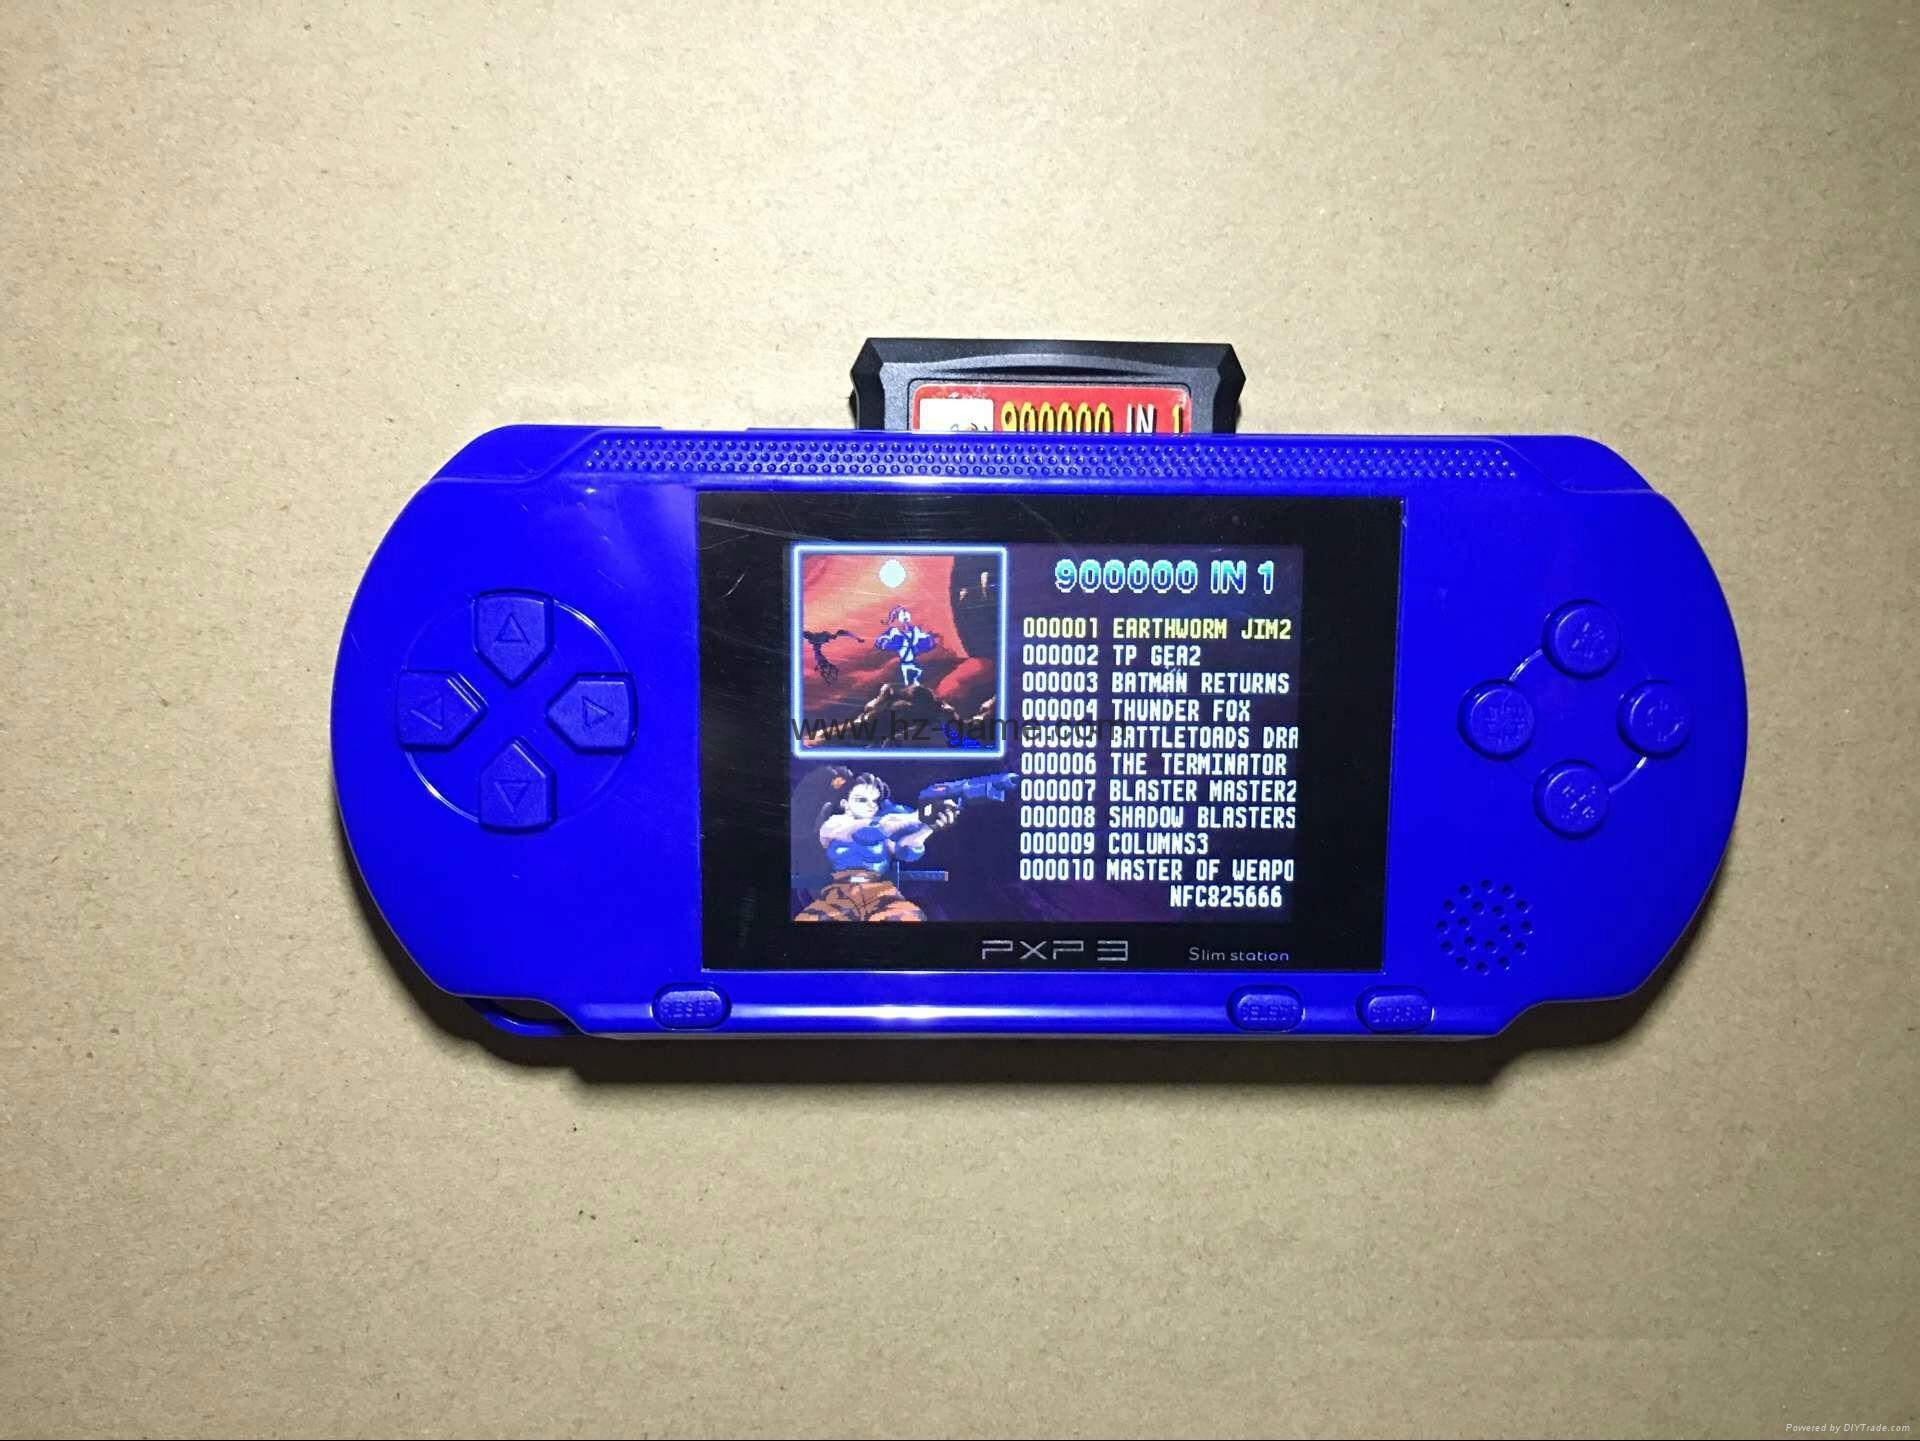 PXP316位掌上遊戲機儿童遊戲機16位遊戲機PVPFC紅白機NES 7